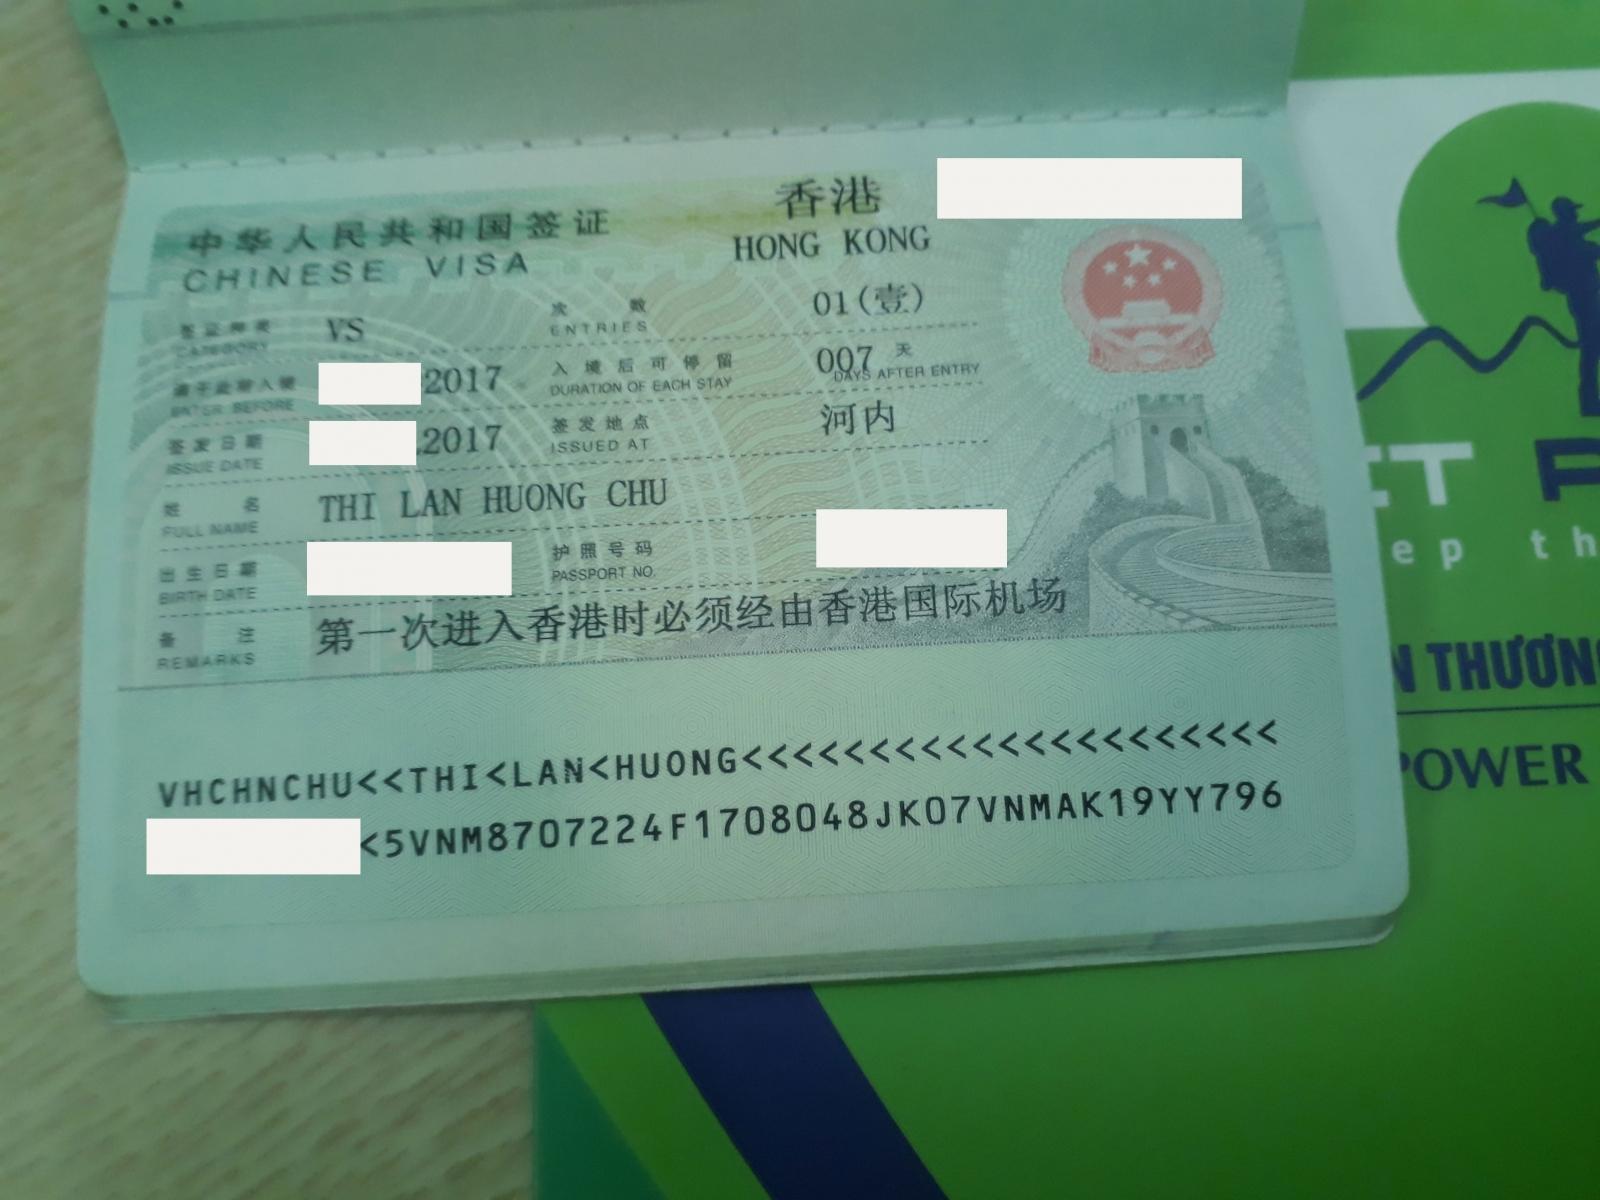 Chúc mừng chị Chu Thị Lan Hương đã có Visa Hồng Kông